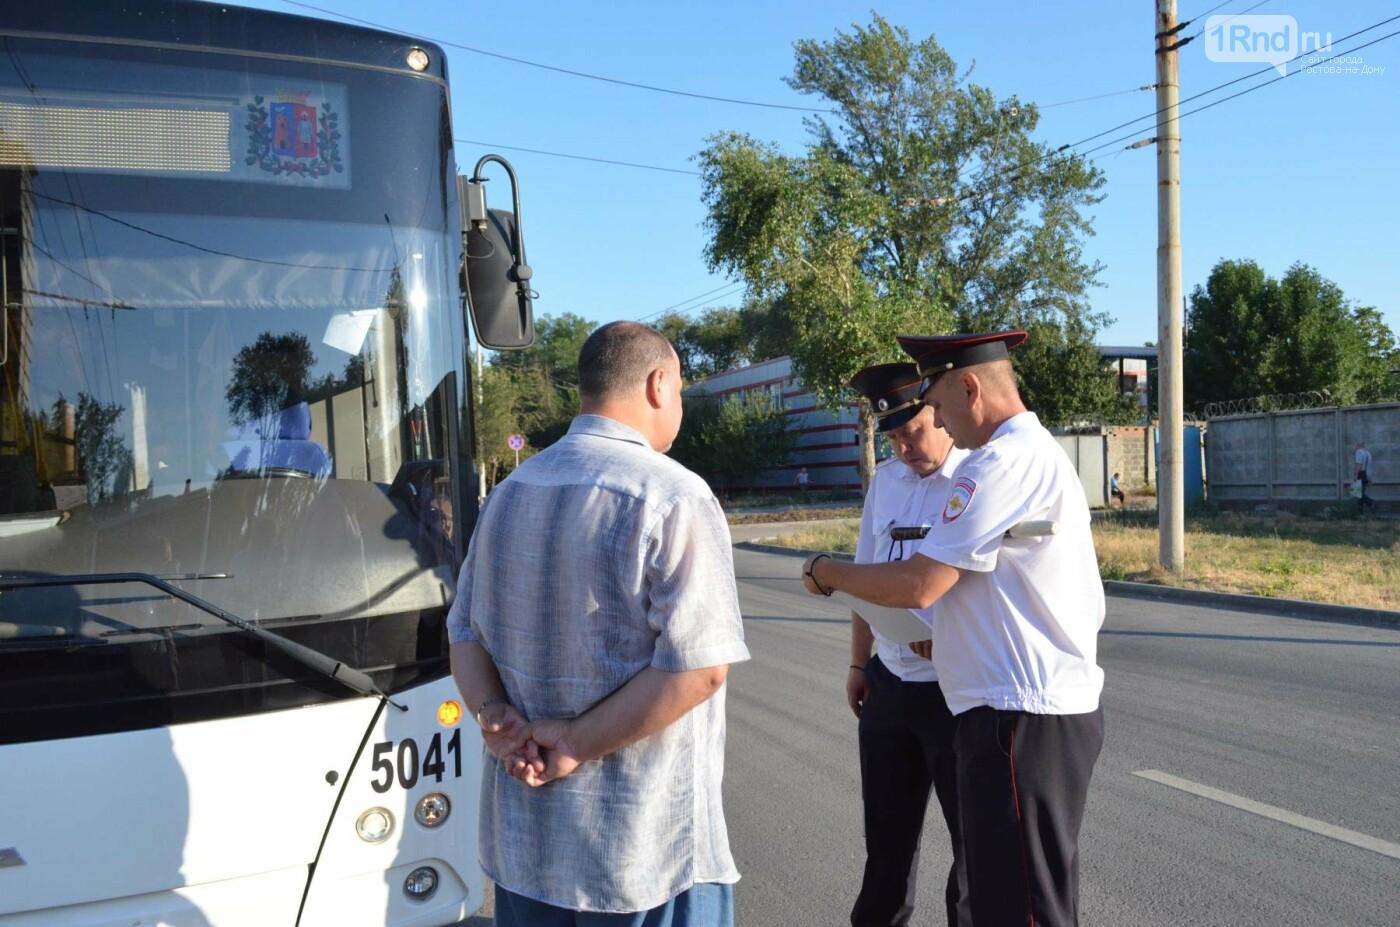 В Ростове сотрудники ГИБДД проводят проверку общественного транспорта, фото-3